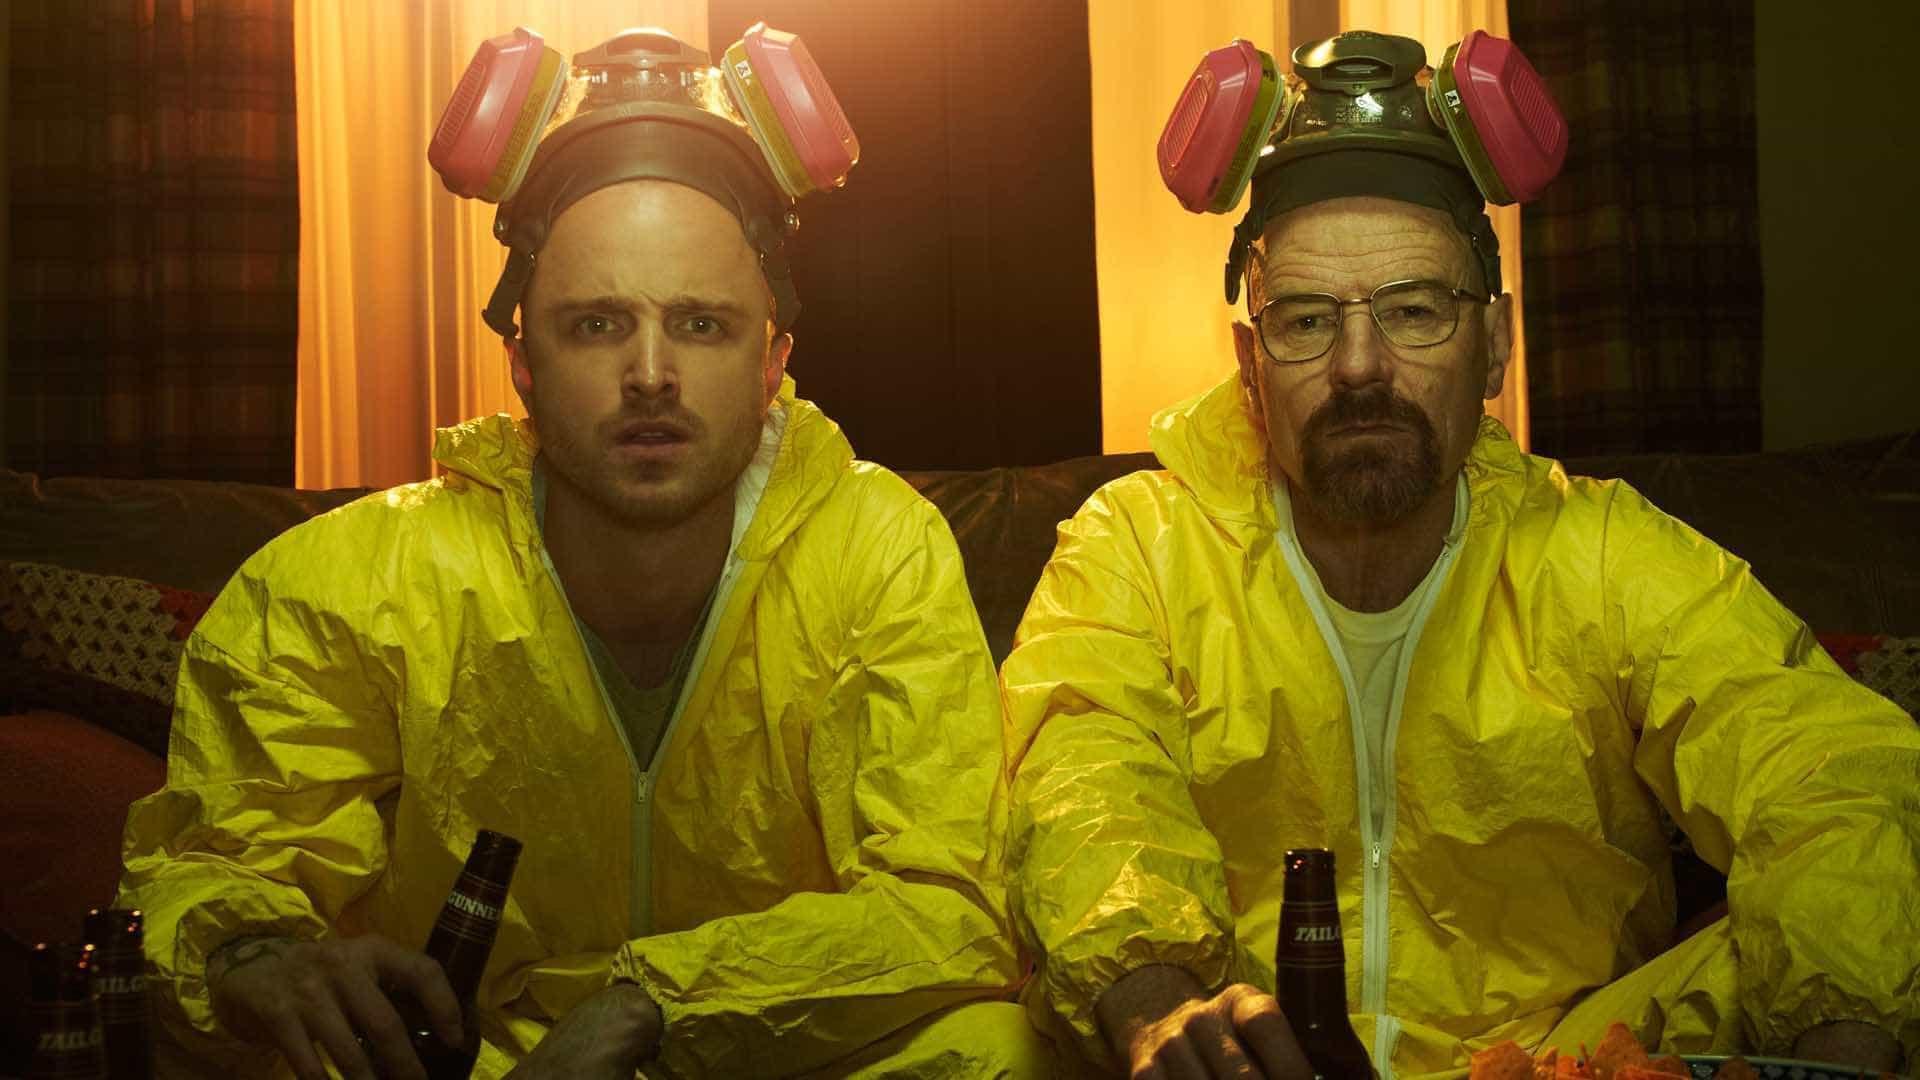 Filme de 'Breaking Bad' será sequela da série e com estreia na Netflix